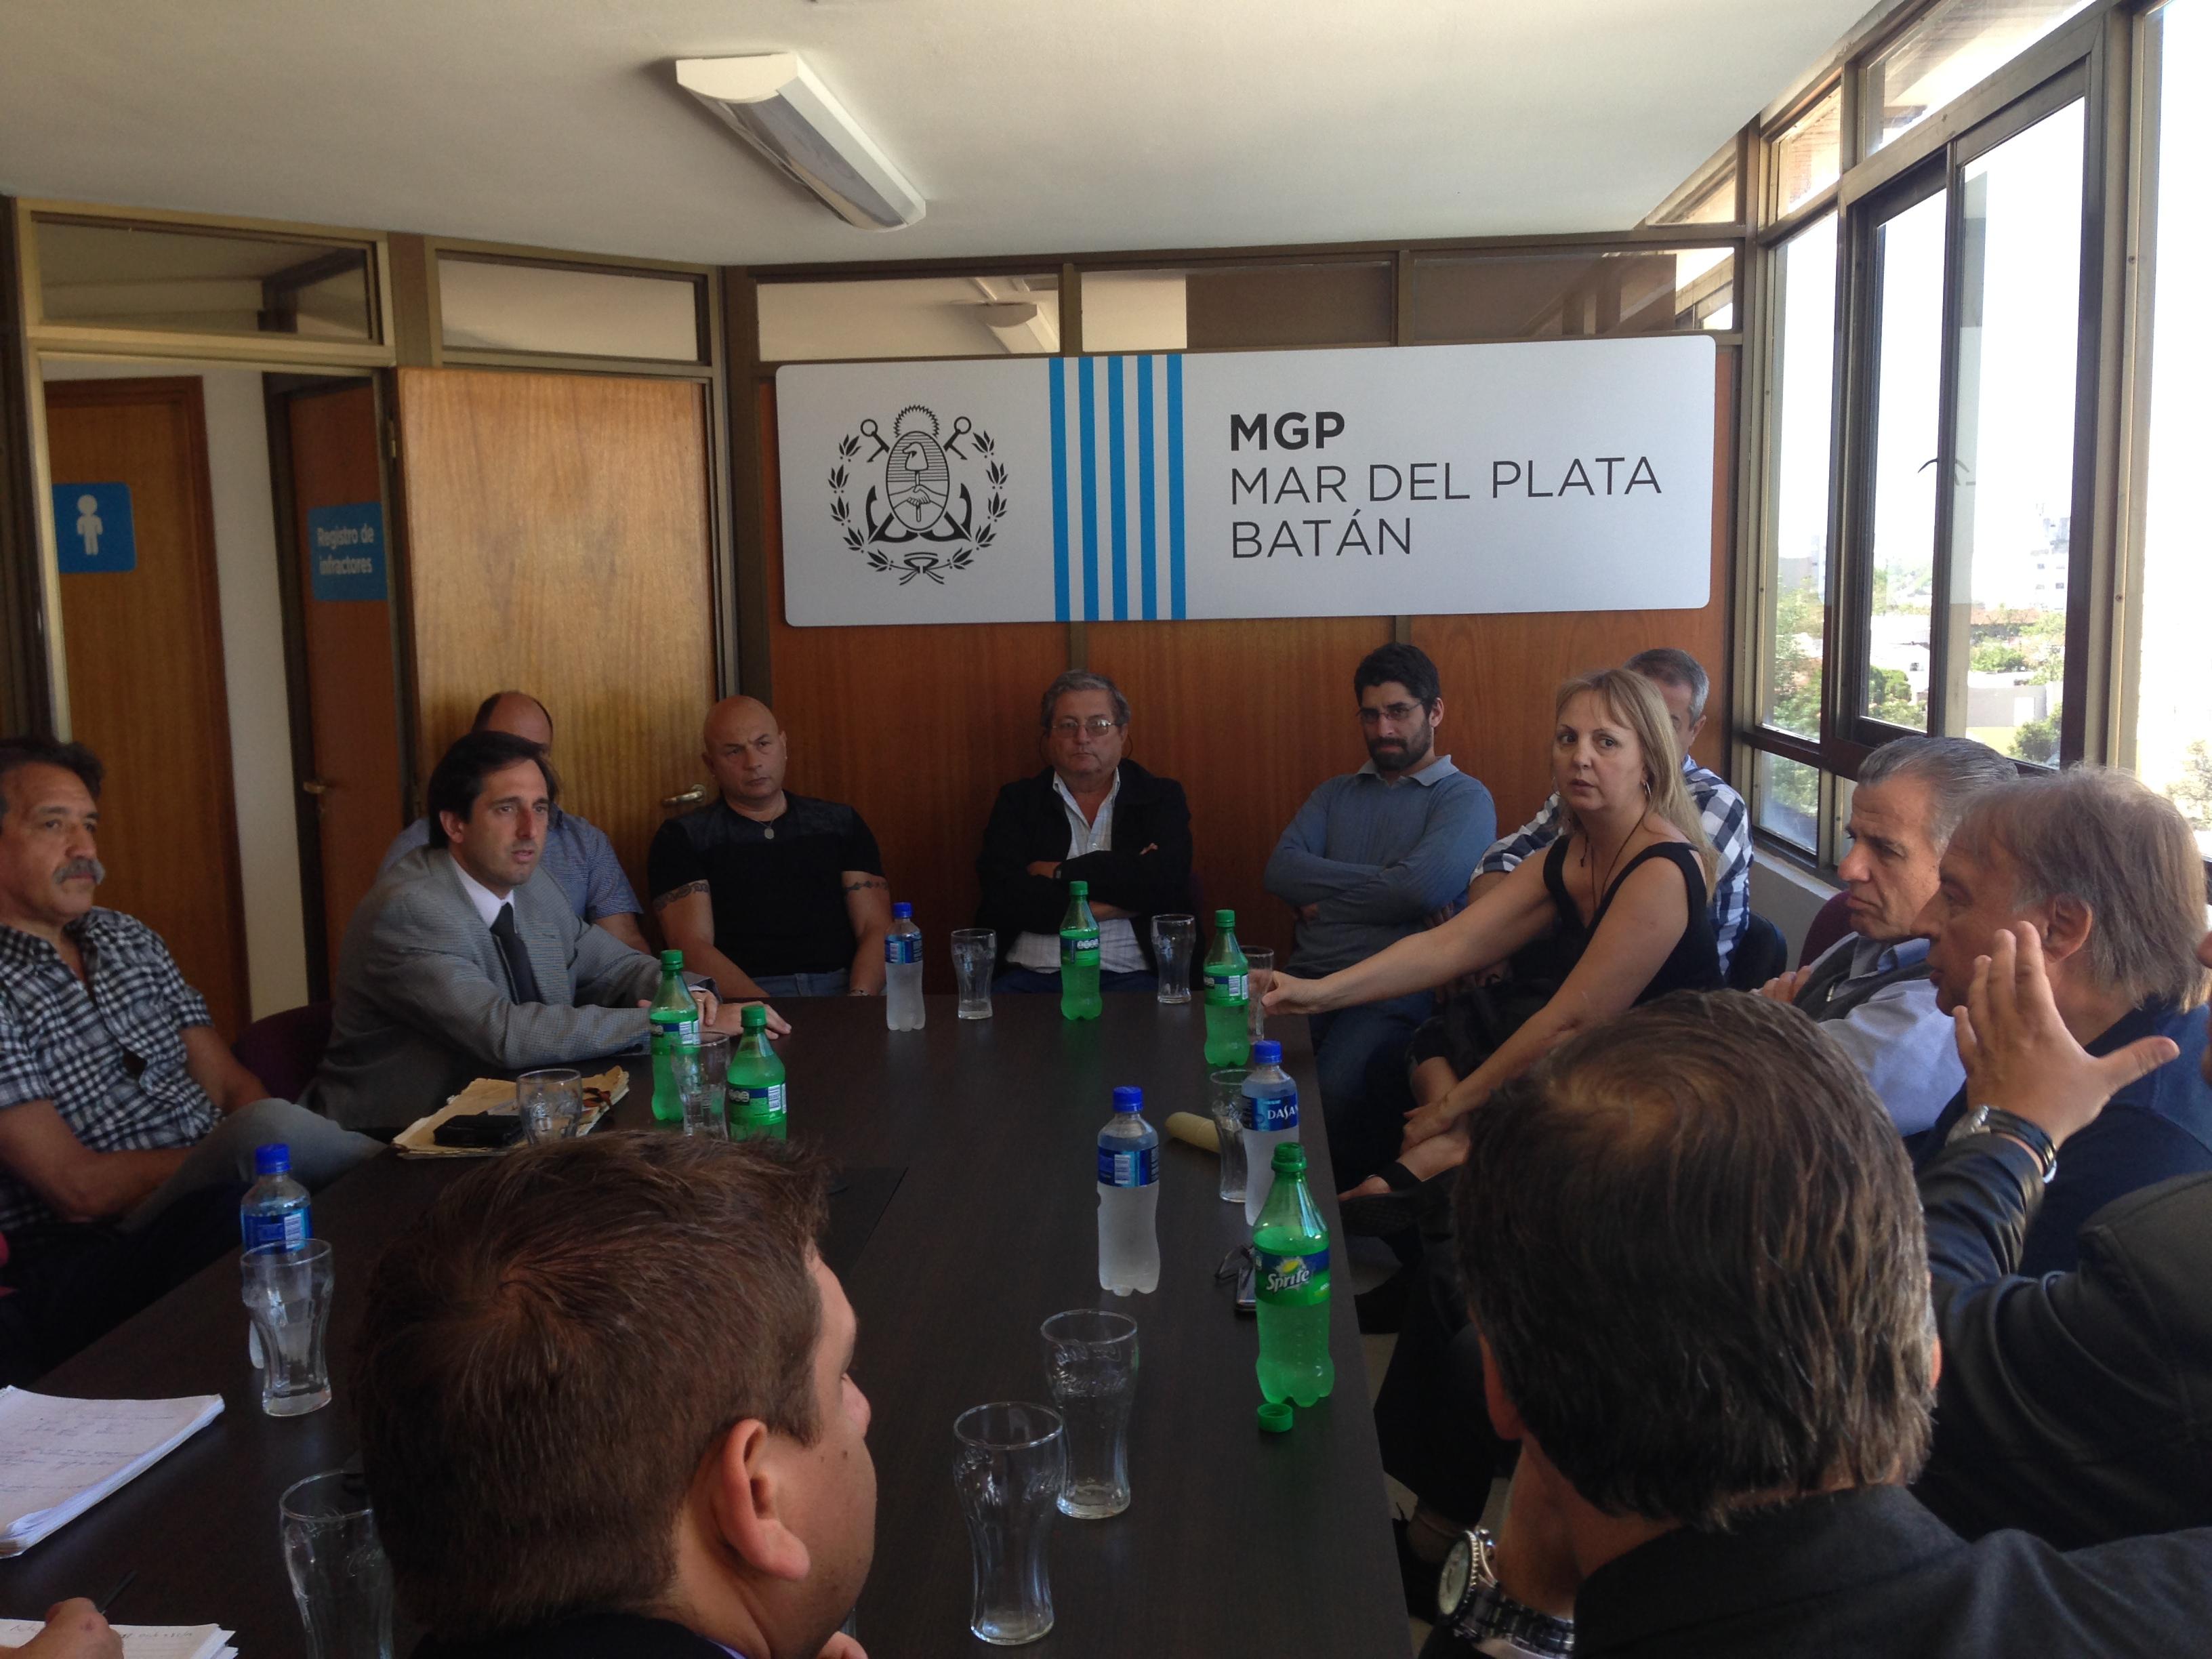 Foto MGP - Control - Reunión Multisectorial para el control de plantas pesqueras